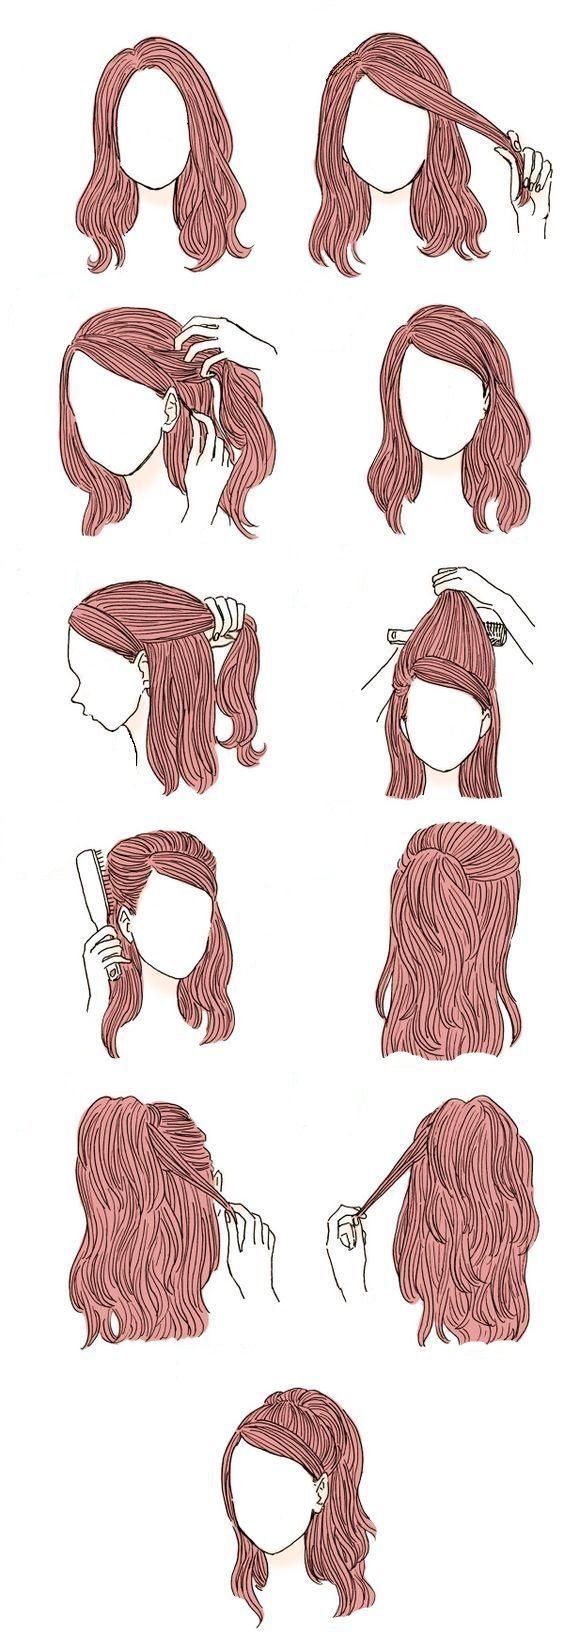 Epingle Par Barbie Cg Sur Peinados Coiffures Pour L Ecole Coiffure Facile Coiffure